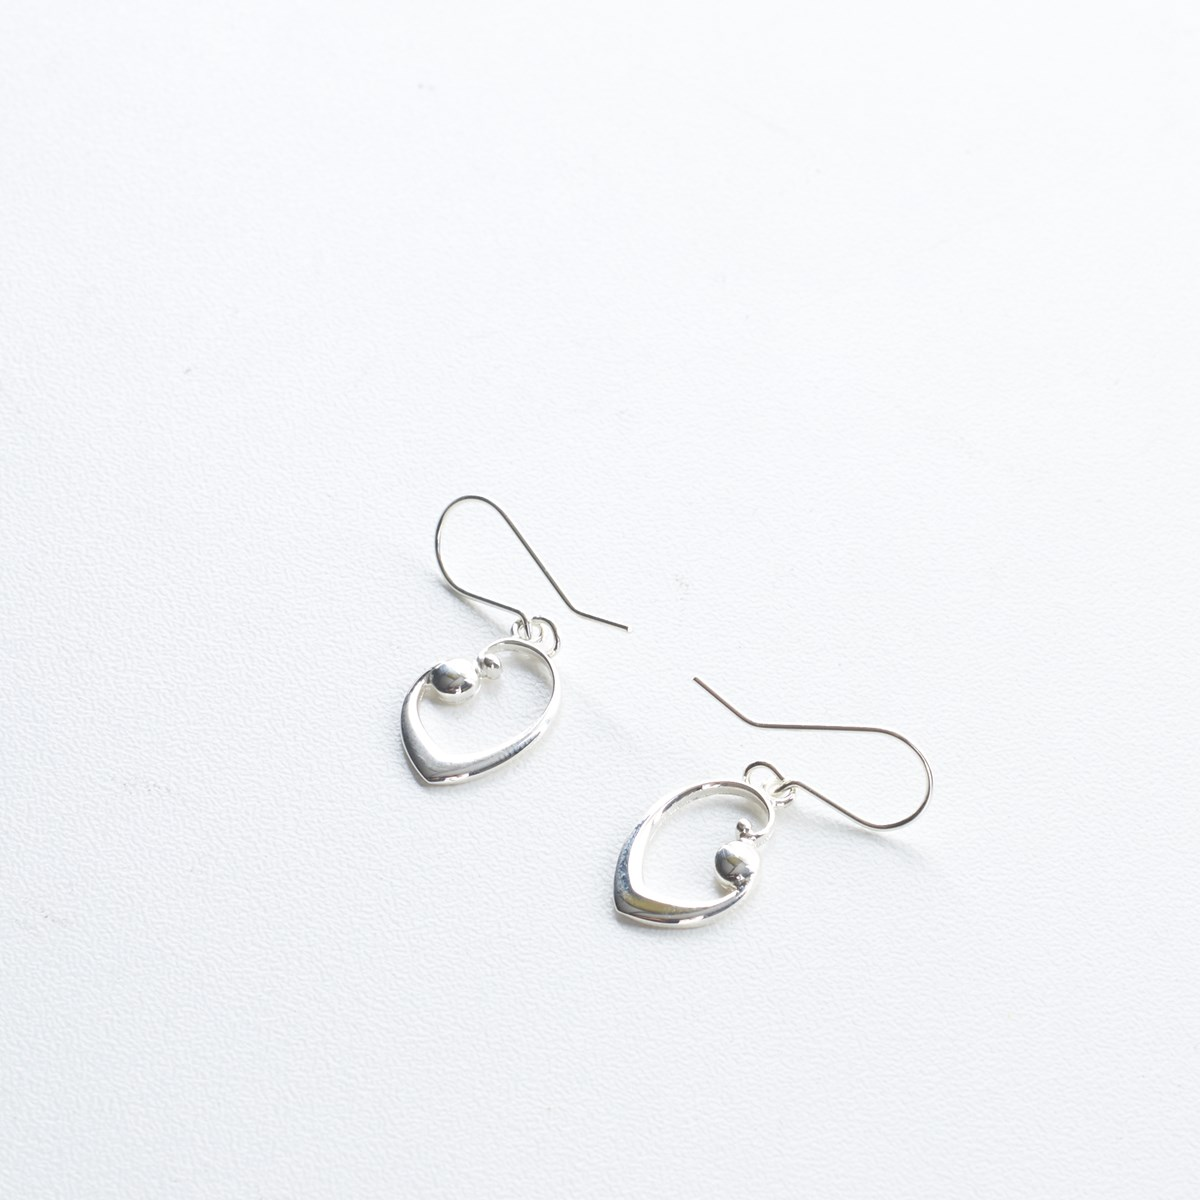 8eb300ee1 Sterling Silver Meira Earrings by Ortak ·  18170056_sterling_silver_earings_meira_3251_3281 ·  18170056_sterling_silver_earings_meira_3252_3282